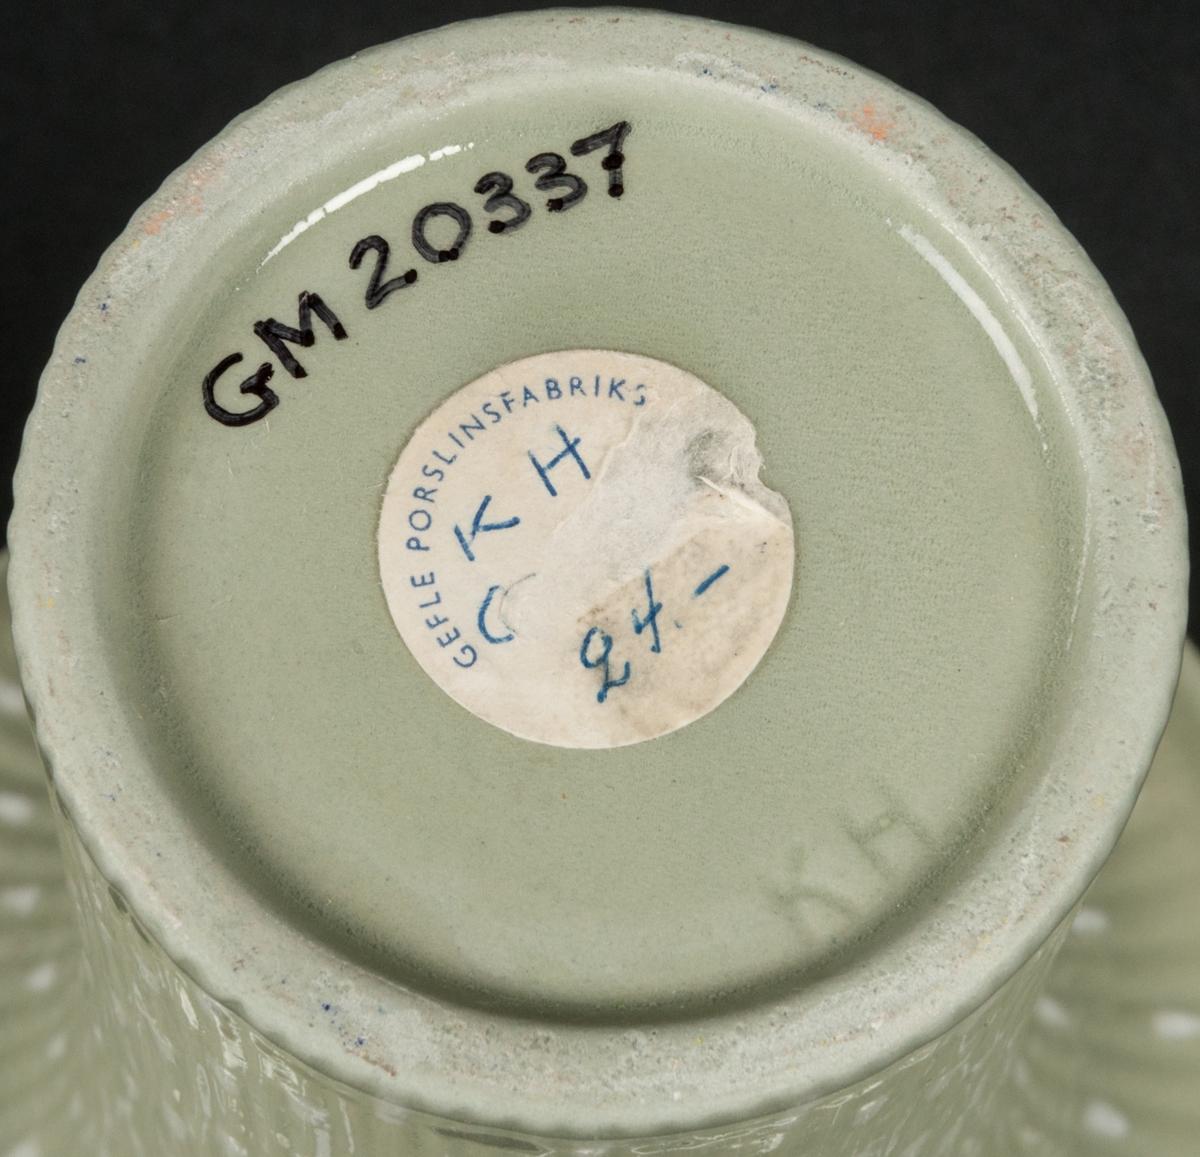 """Vas av flintgods, modell -KH, formgiven av Arthur Percy för Gefle Porslinsfabrik. Smal, cirkelformad buk med vertikal räffling, som utmynnar i en trattliknande överdel med mjukt böjda kanter. Dekor """"Celadon 2"""", ljust gröngrå fond täckt med vita stavar. Tryckt, ofärgat """"KH"""" i botten och fabriksetikett: """"KH, Celadon, 24""""."""